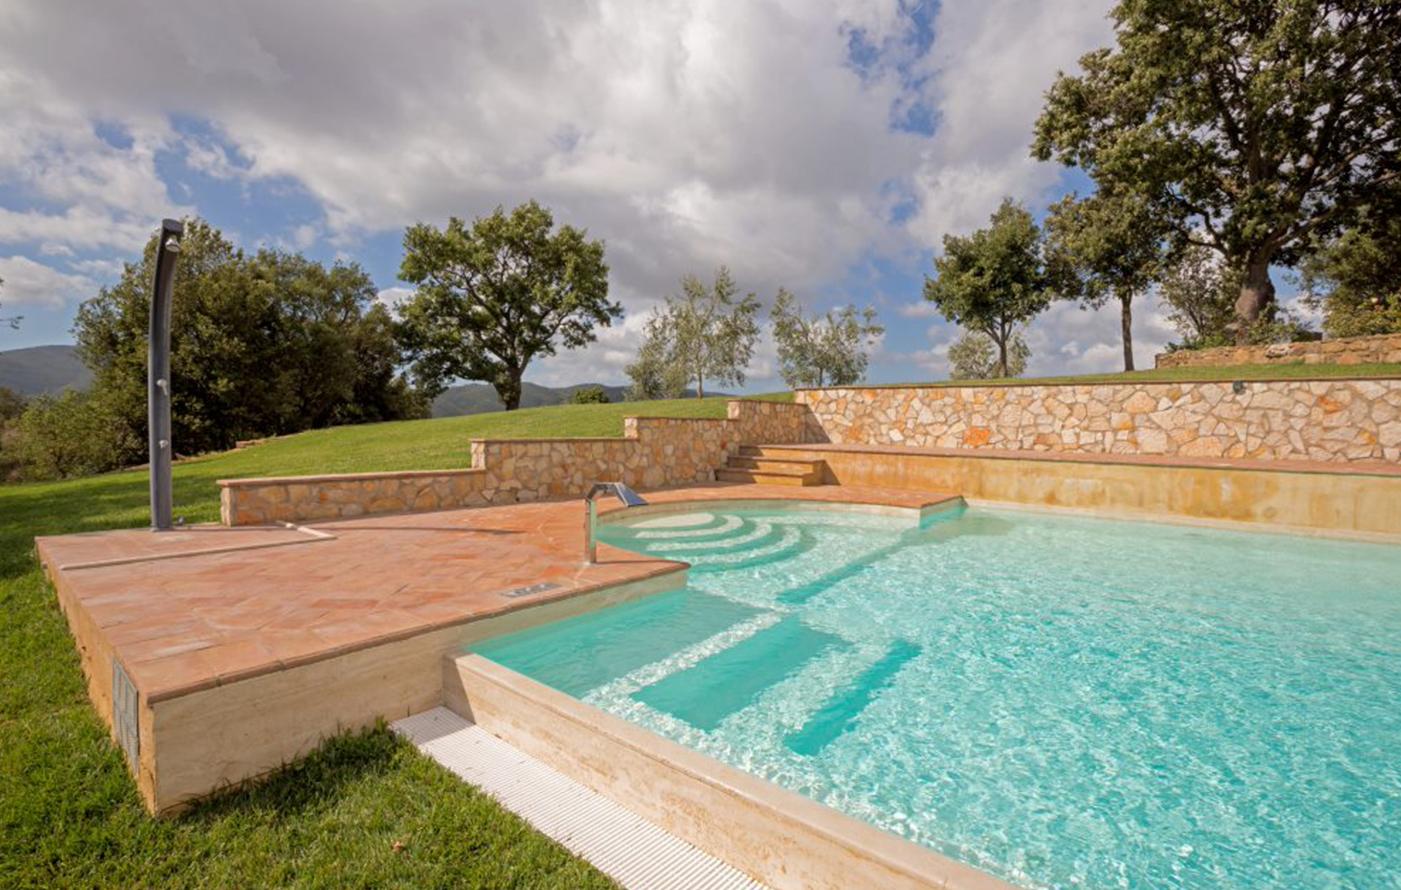 agriverde-accessori-e-complementi-piscine-01